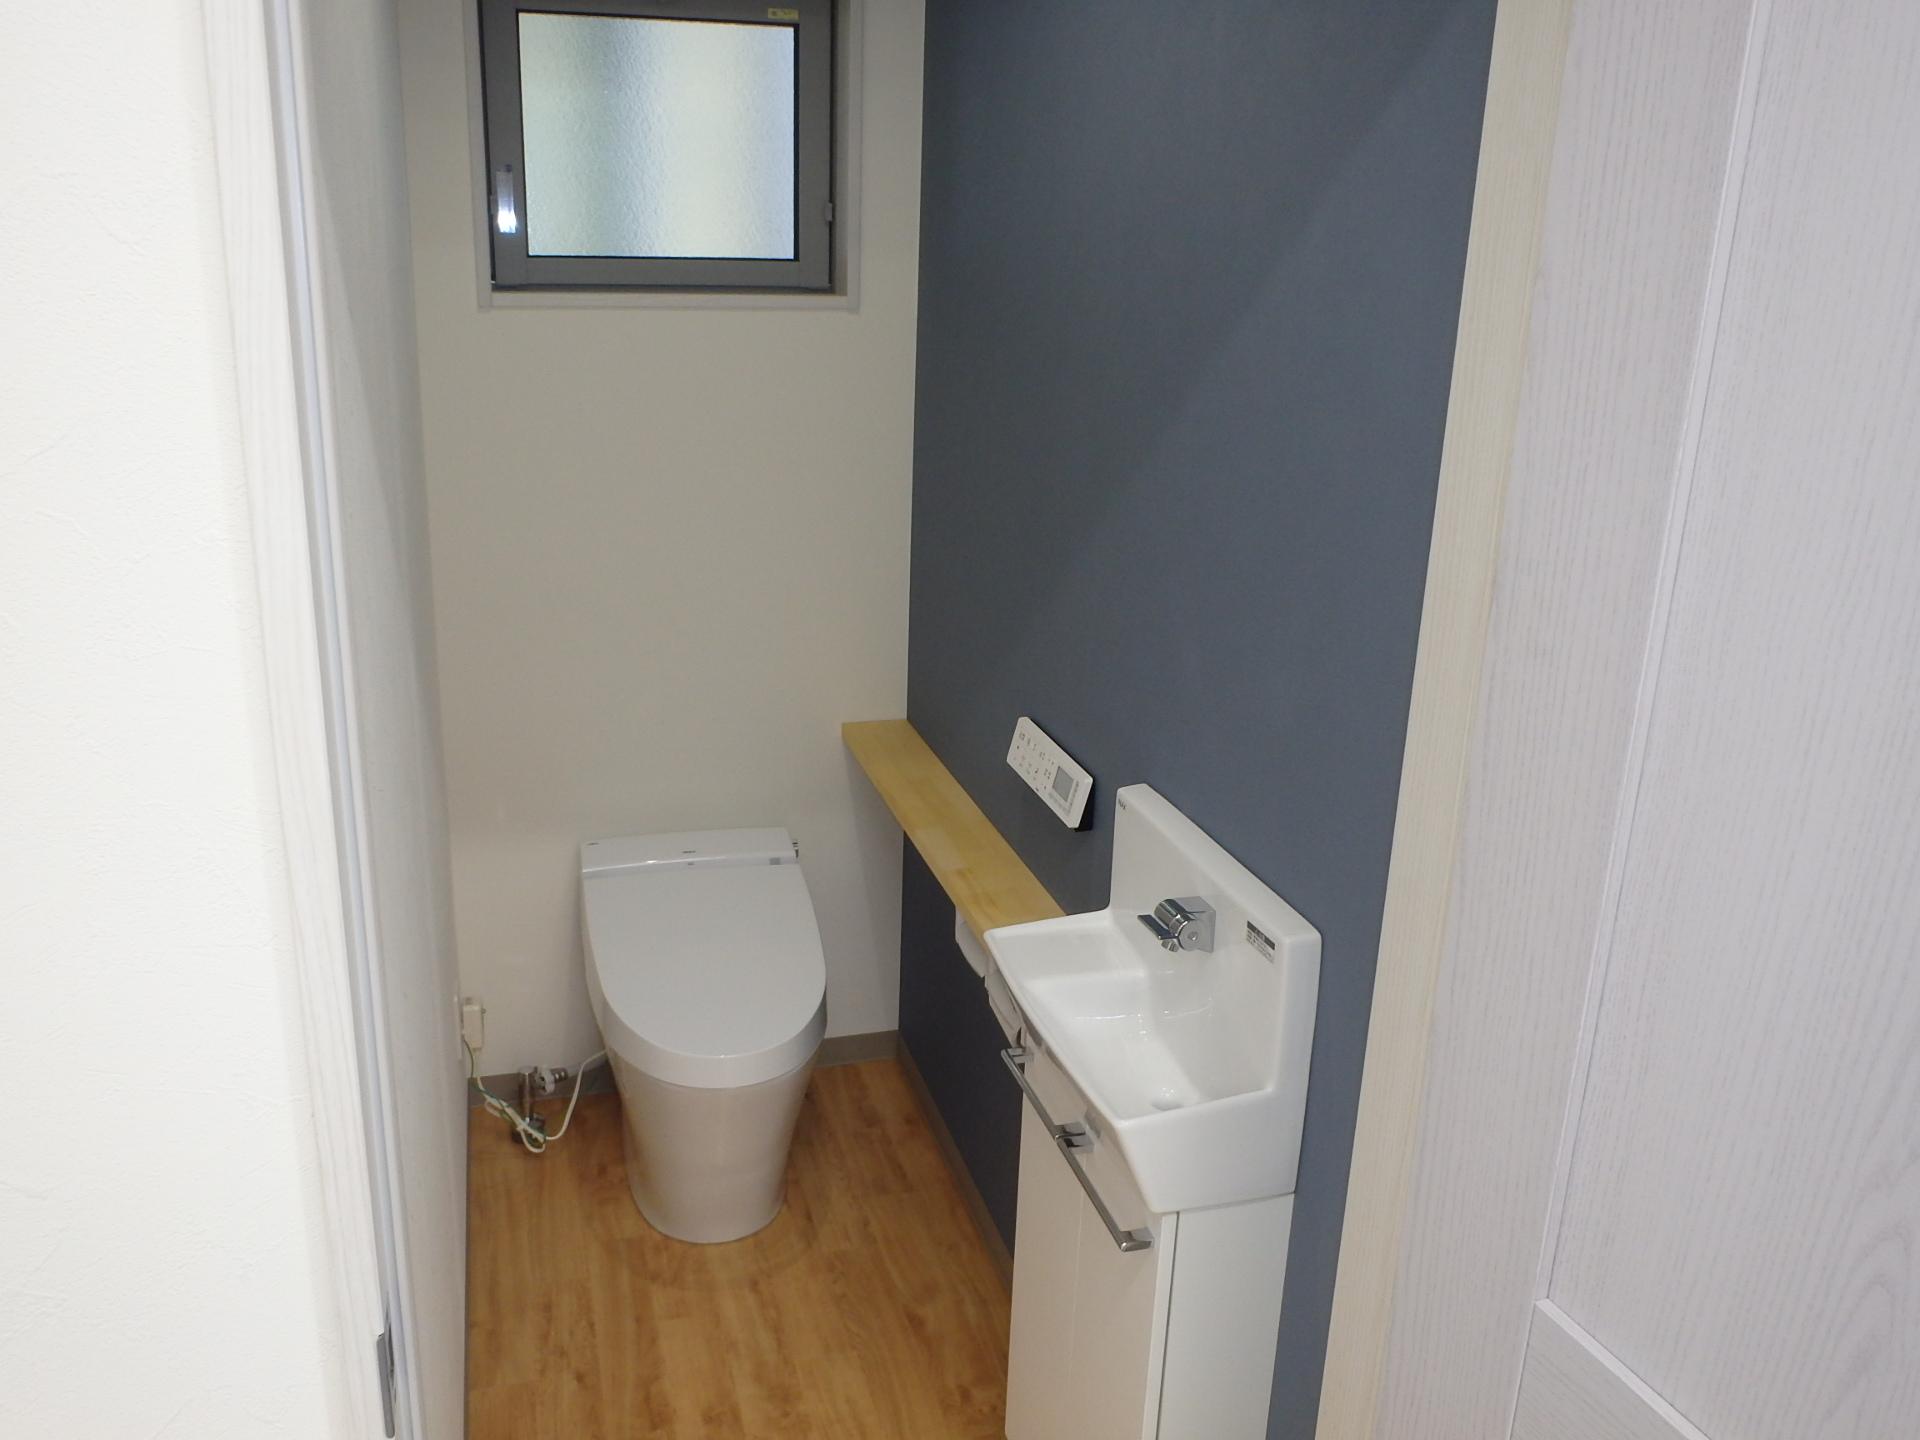 詰所 トイレ2か所設置。カウンターは造作1品もの。